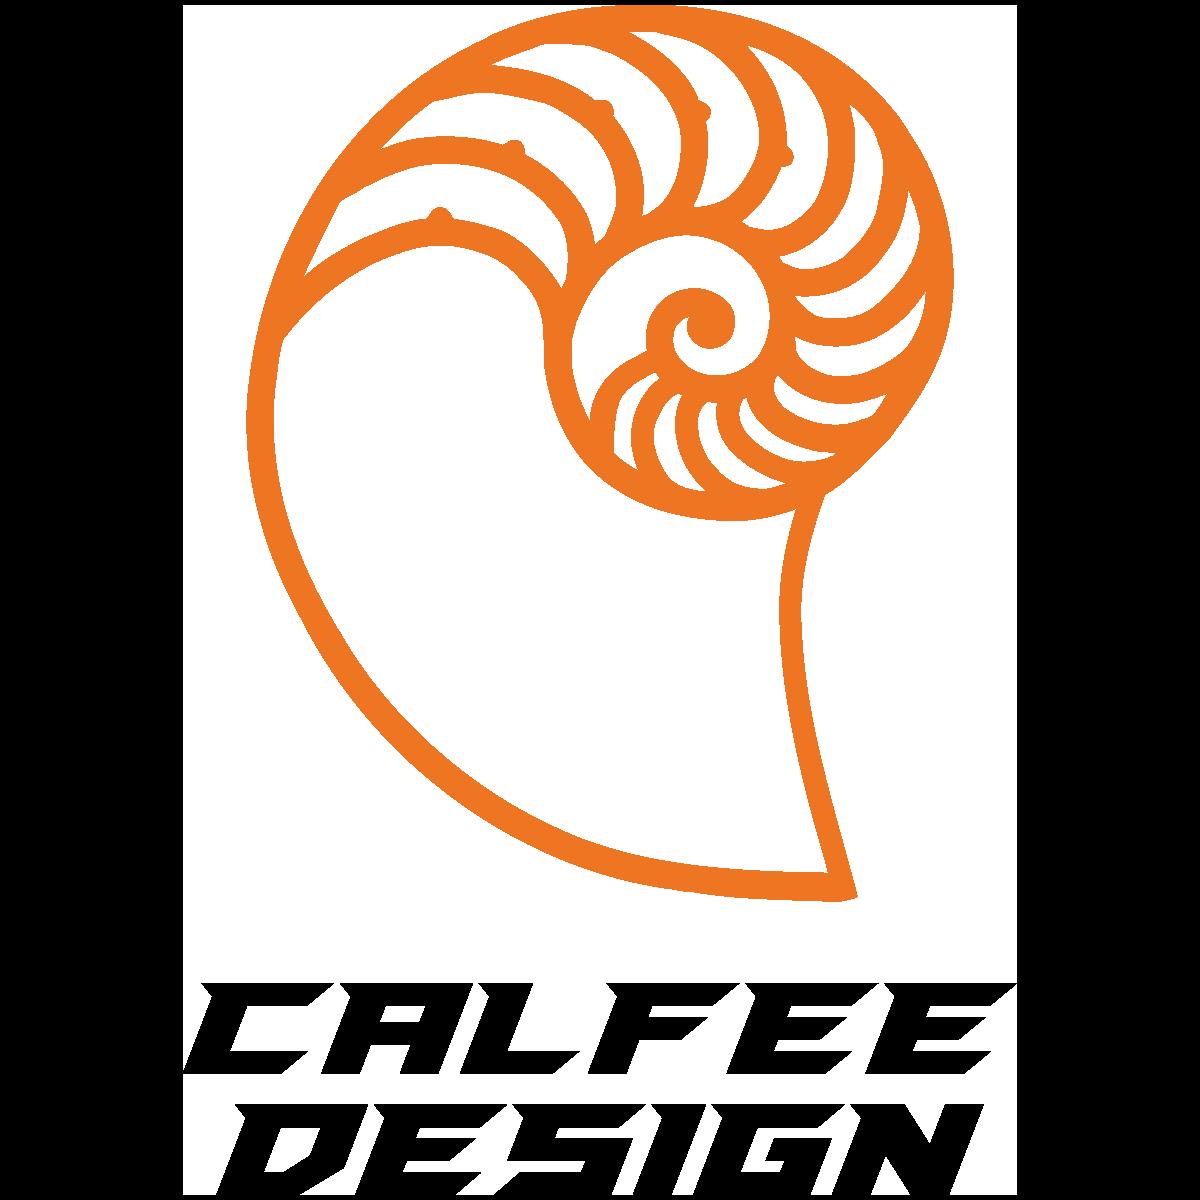 CalfeeDesign-logo.png